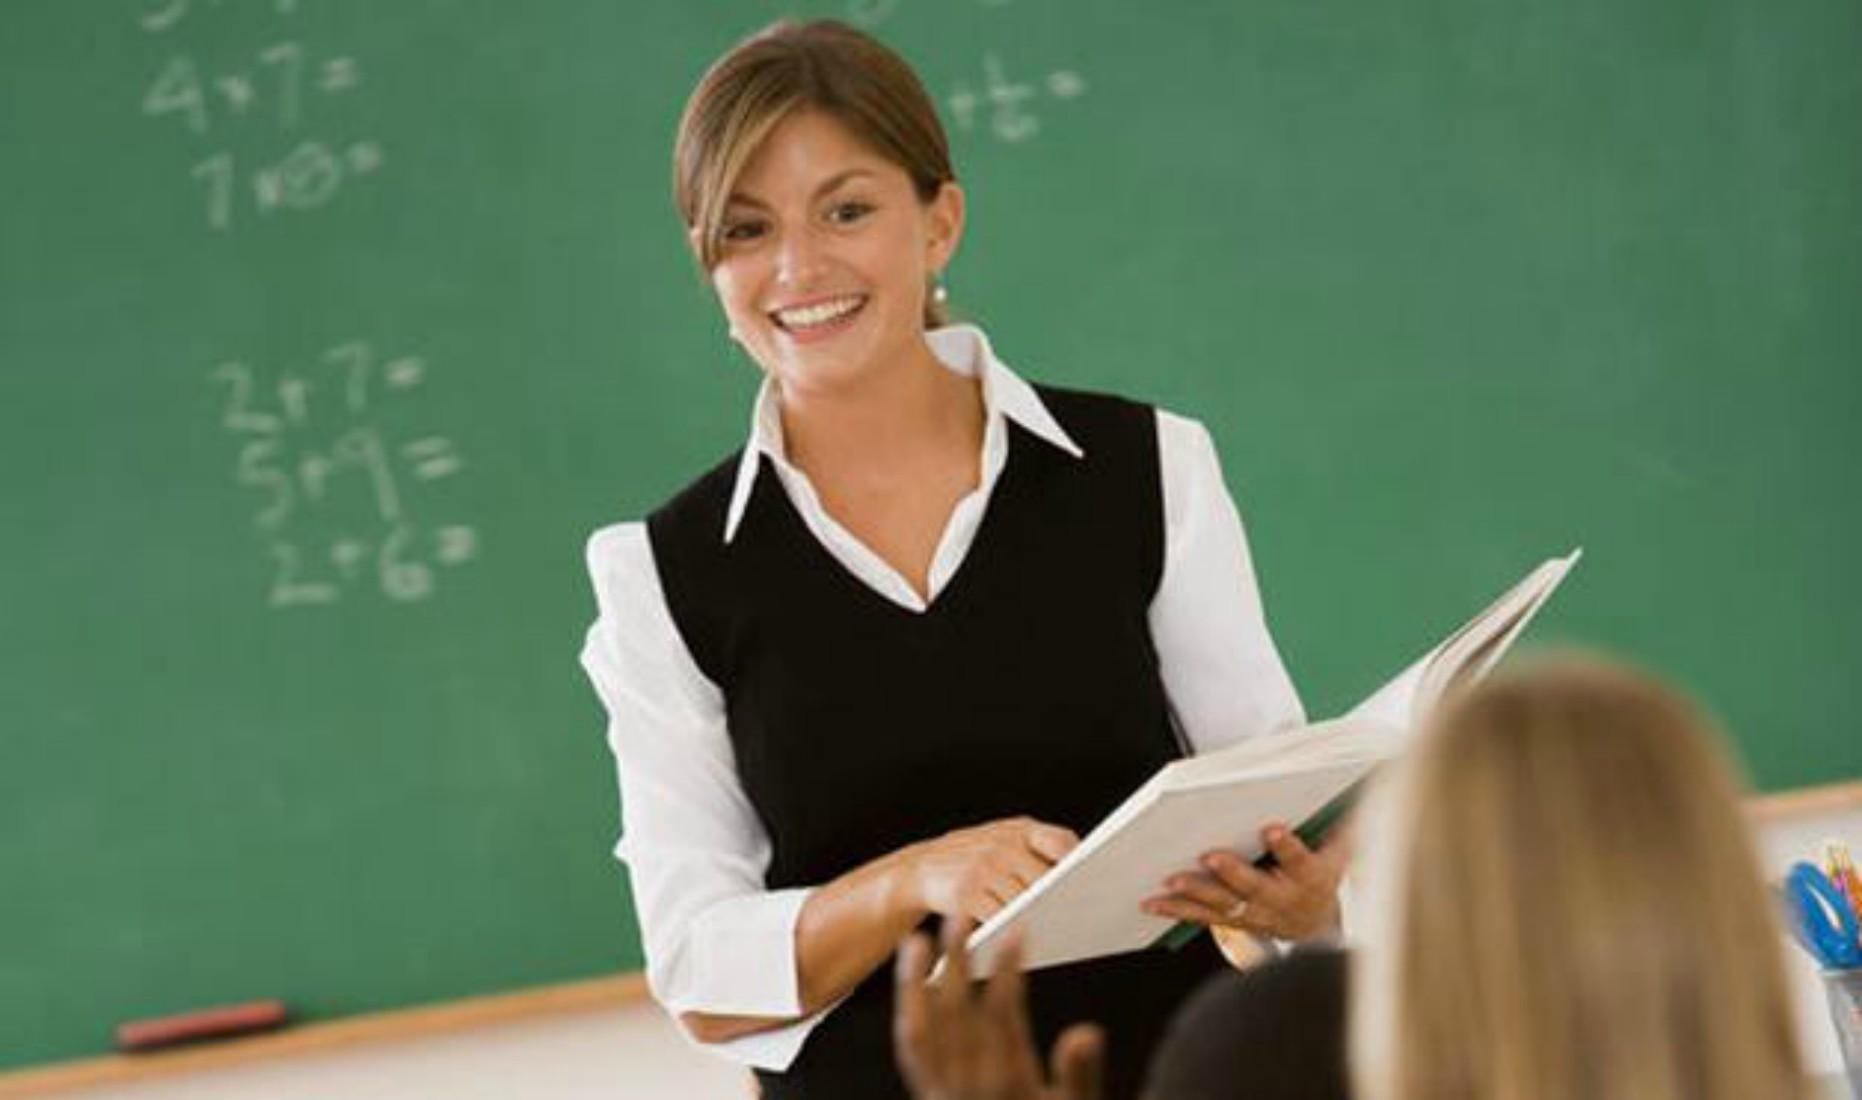 Predstavitev poklica: Učitelj